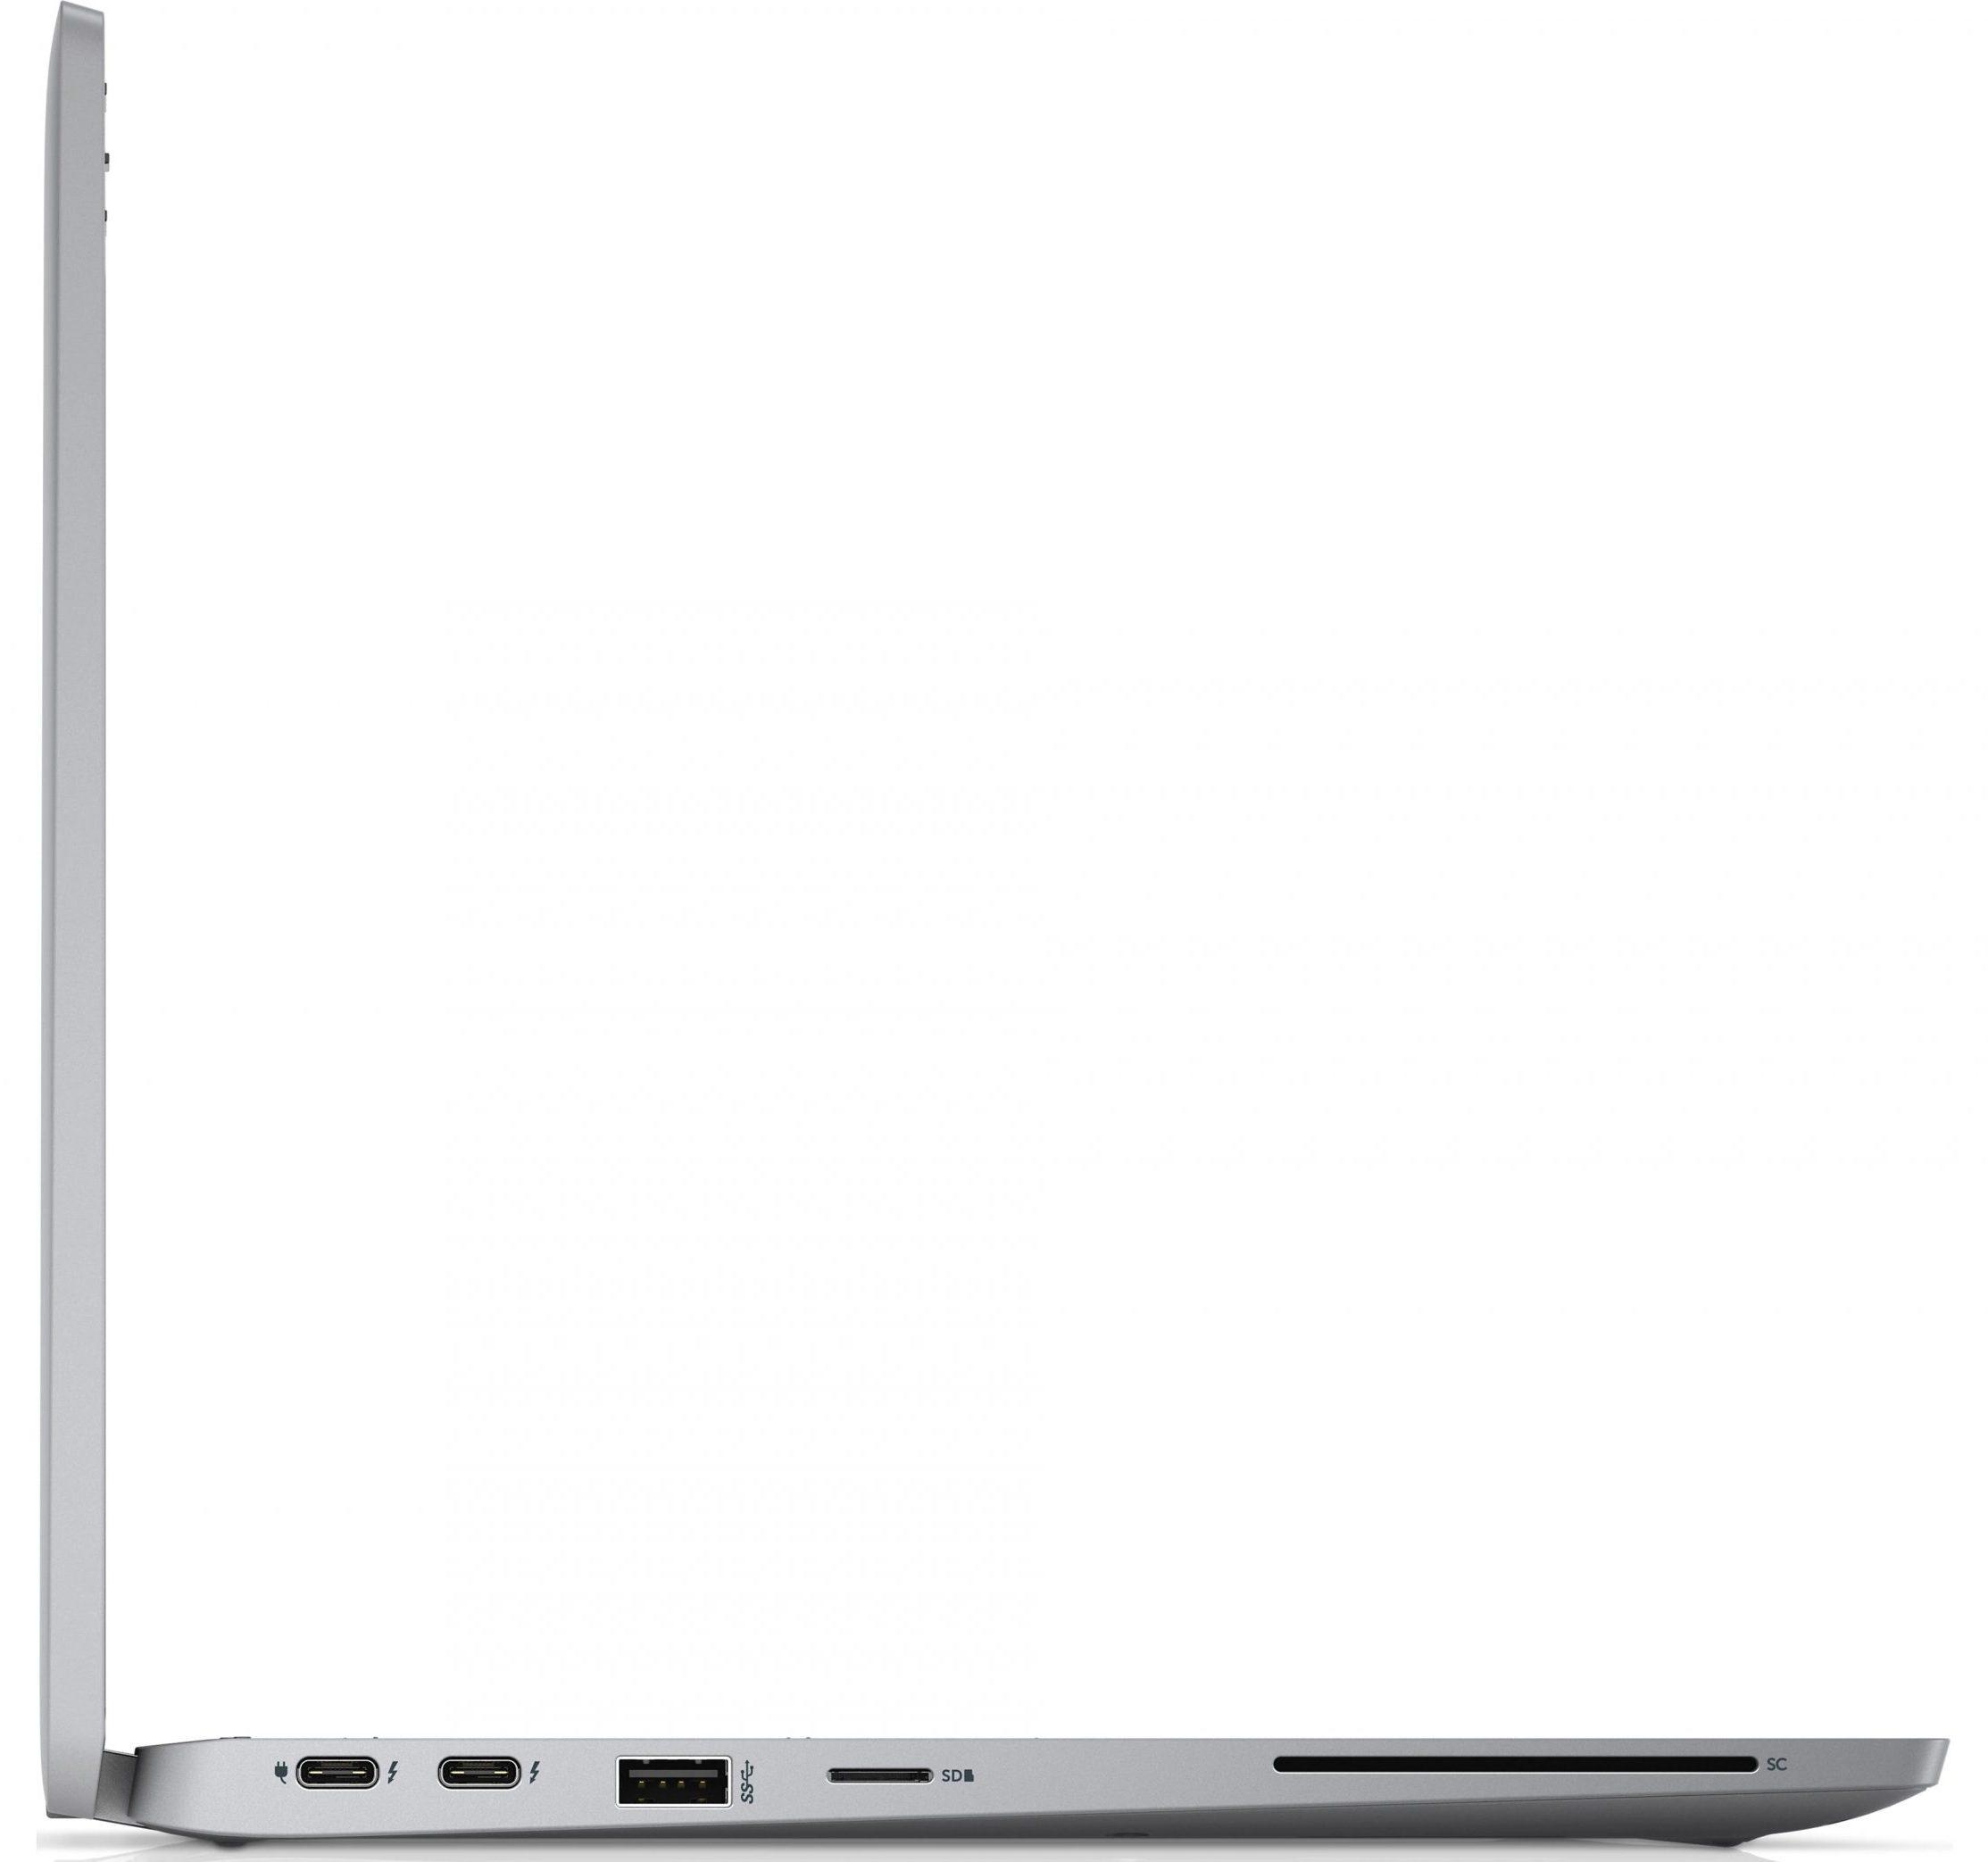 Nâng cấp SSD cho Laptop Dell Latitude 13 5320 - Tuanphong.vn